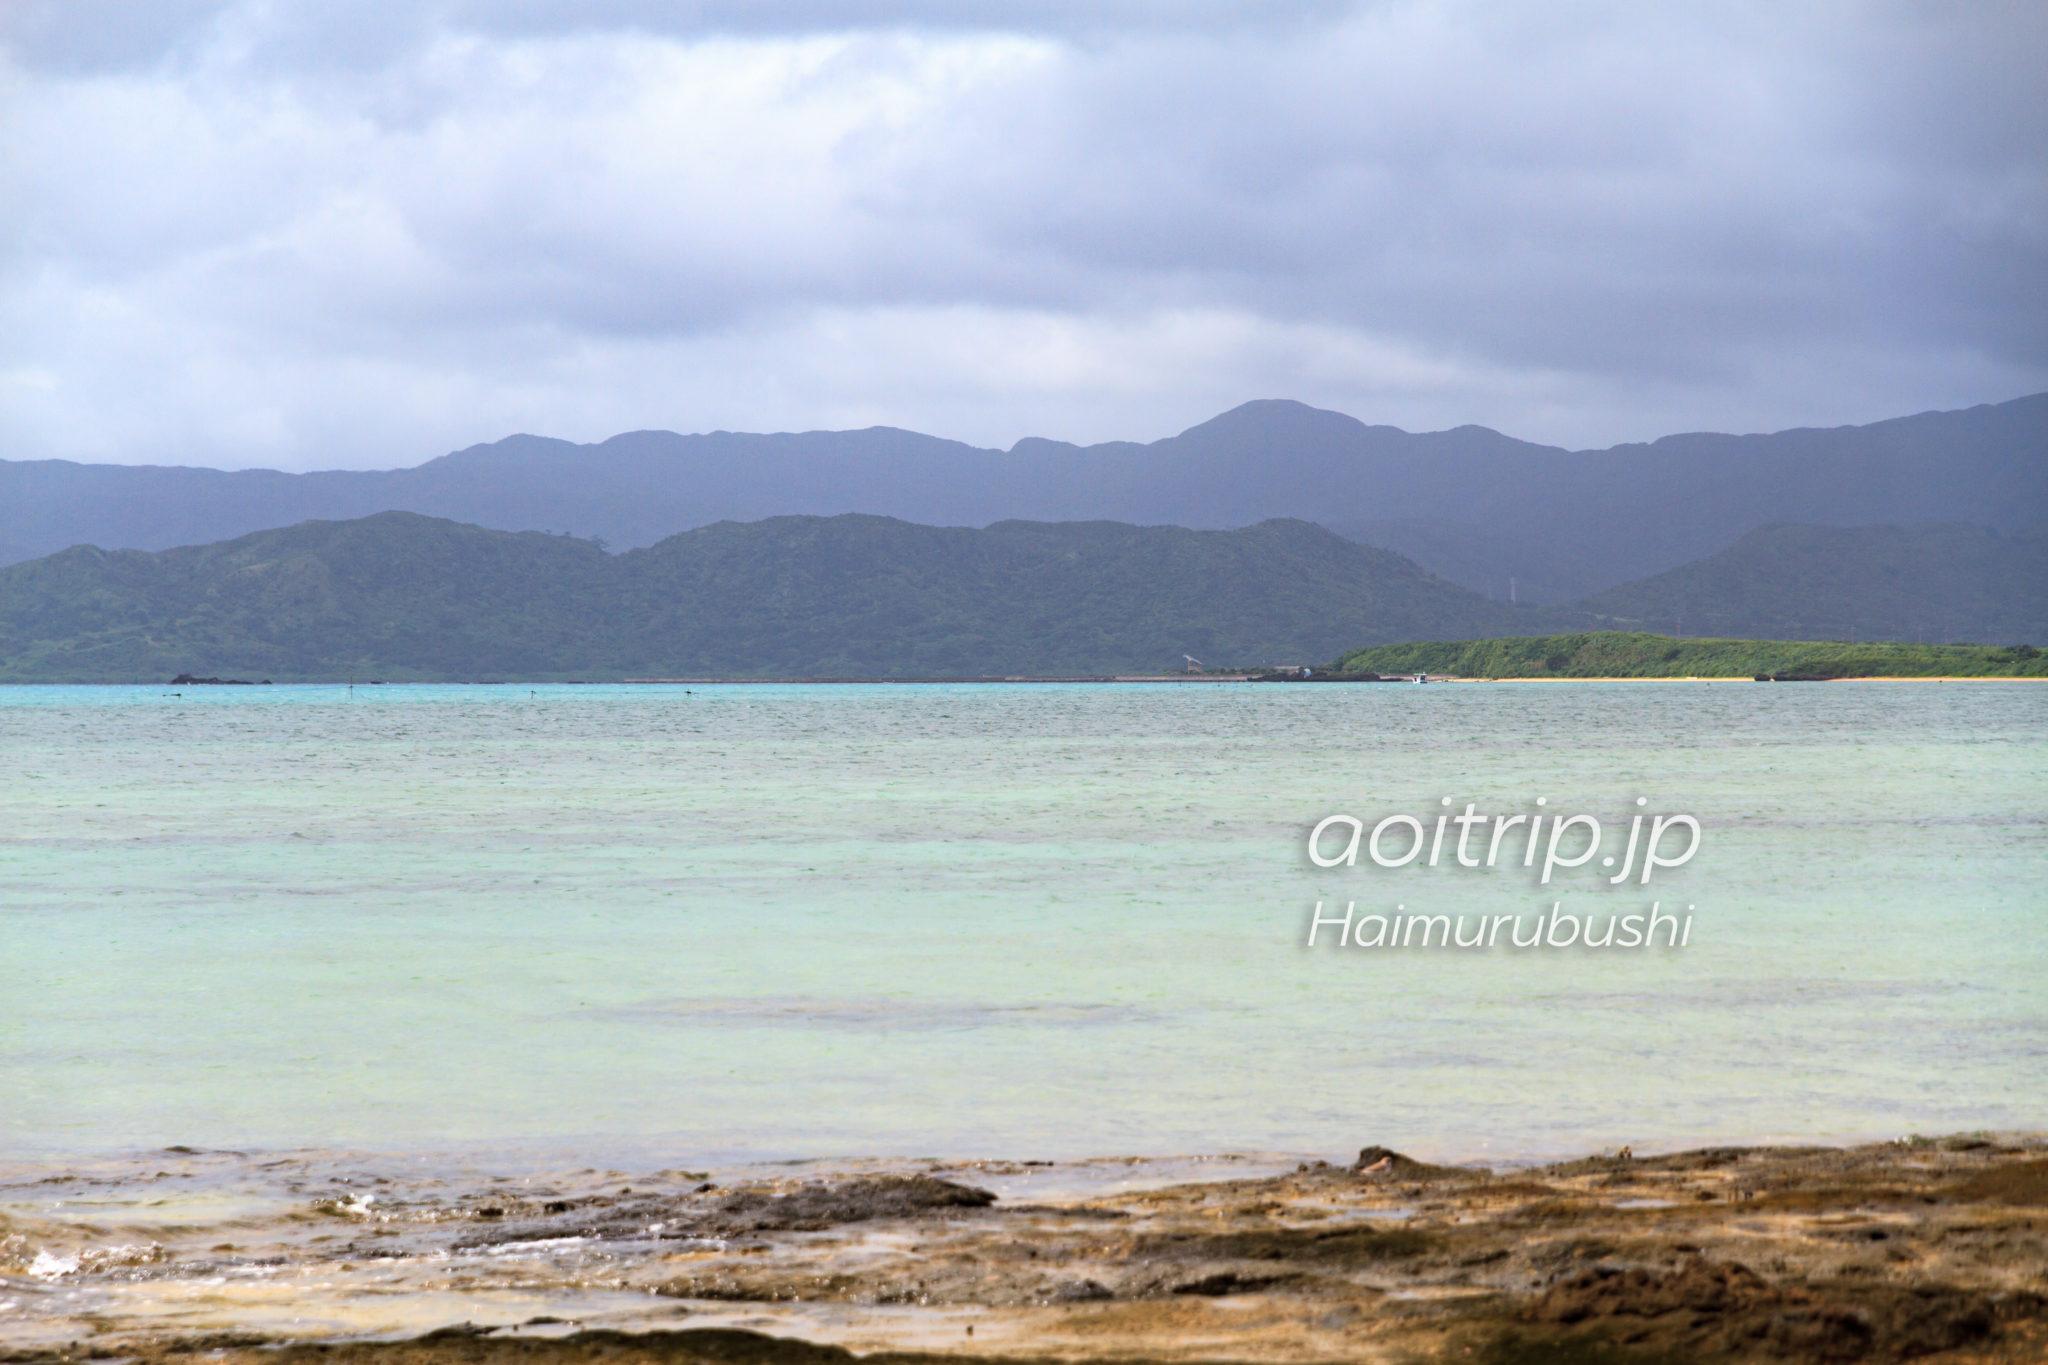 ゆうなの浜から西表島を望む